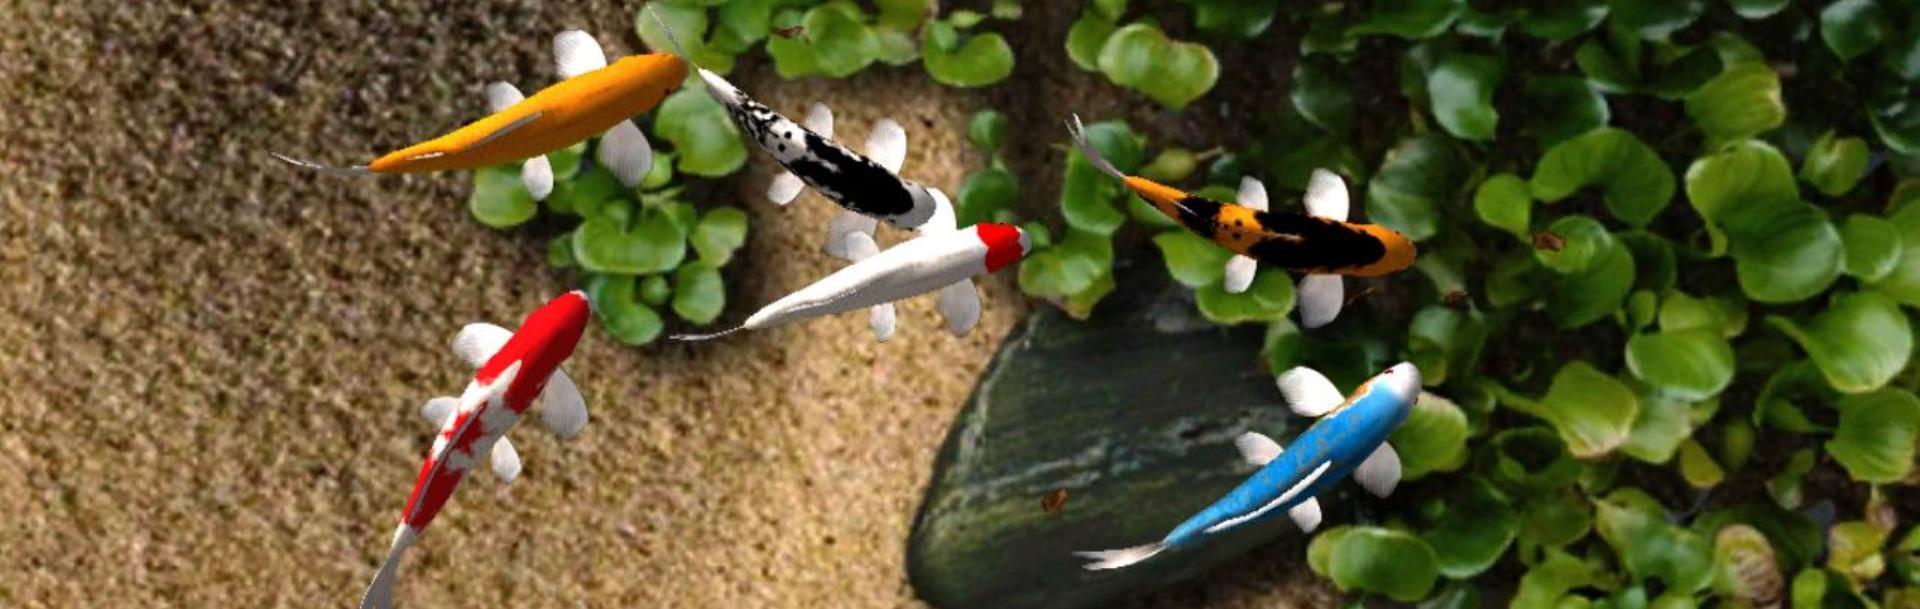 Cum îngrijim iazul cu peşti primăvara?